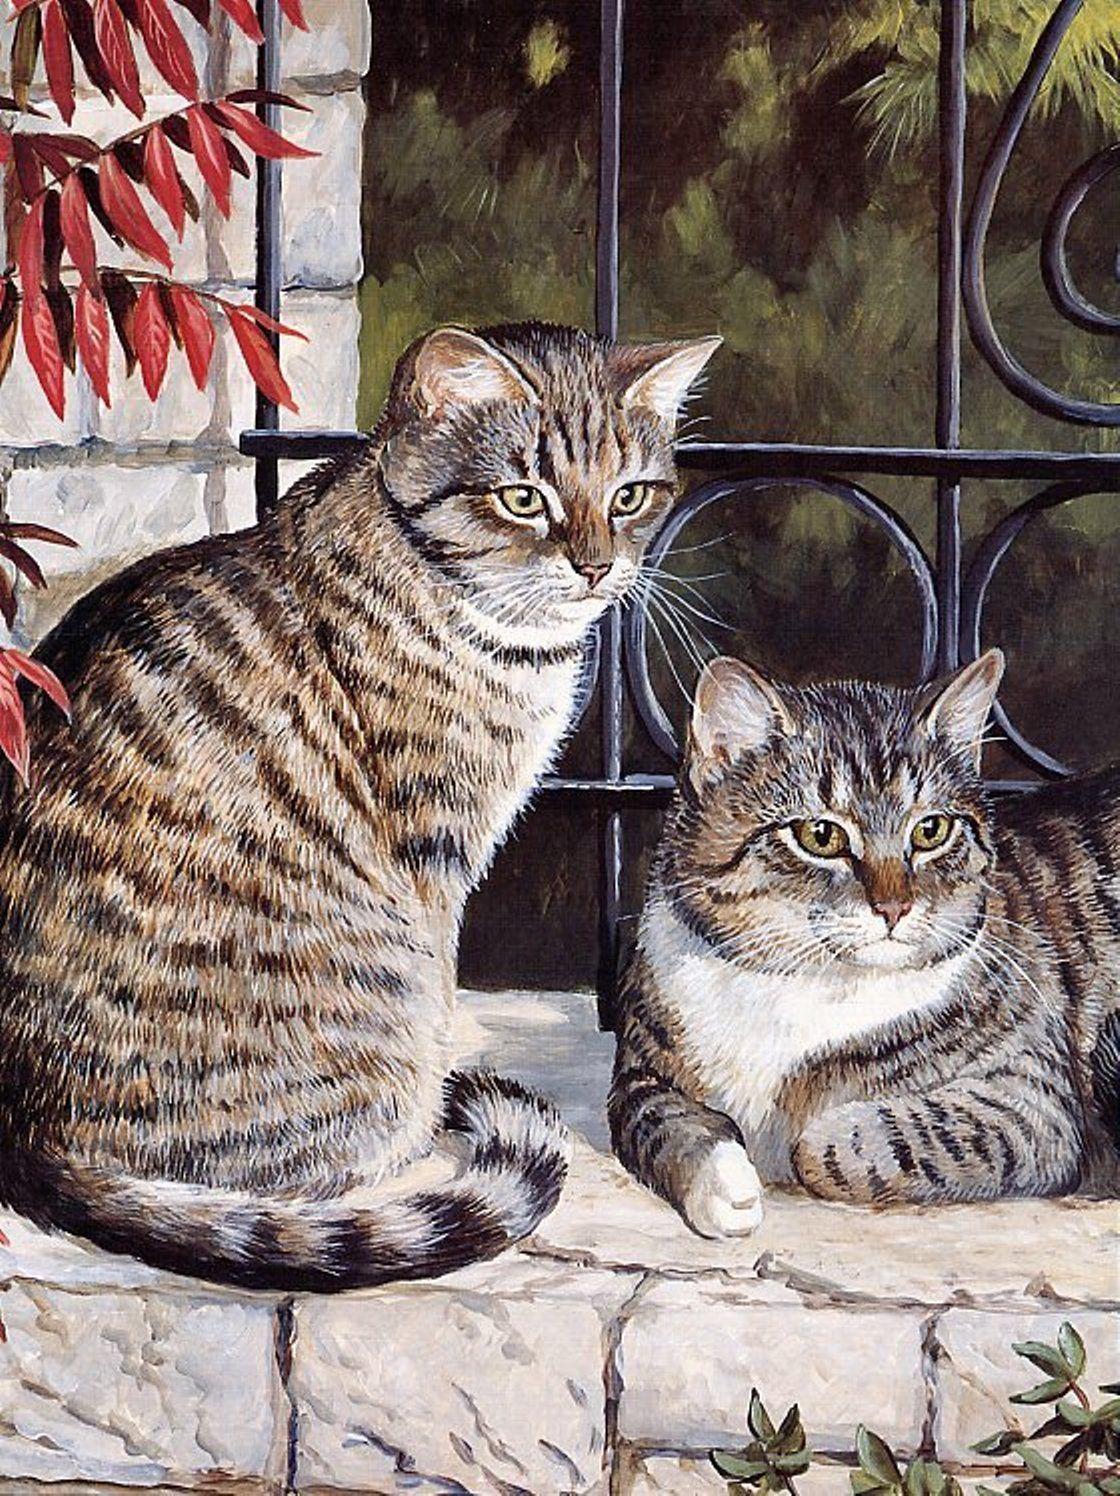 известный пейзажи с котами картинки долгих мытарств сайте